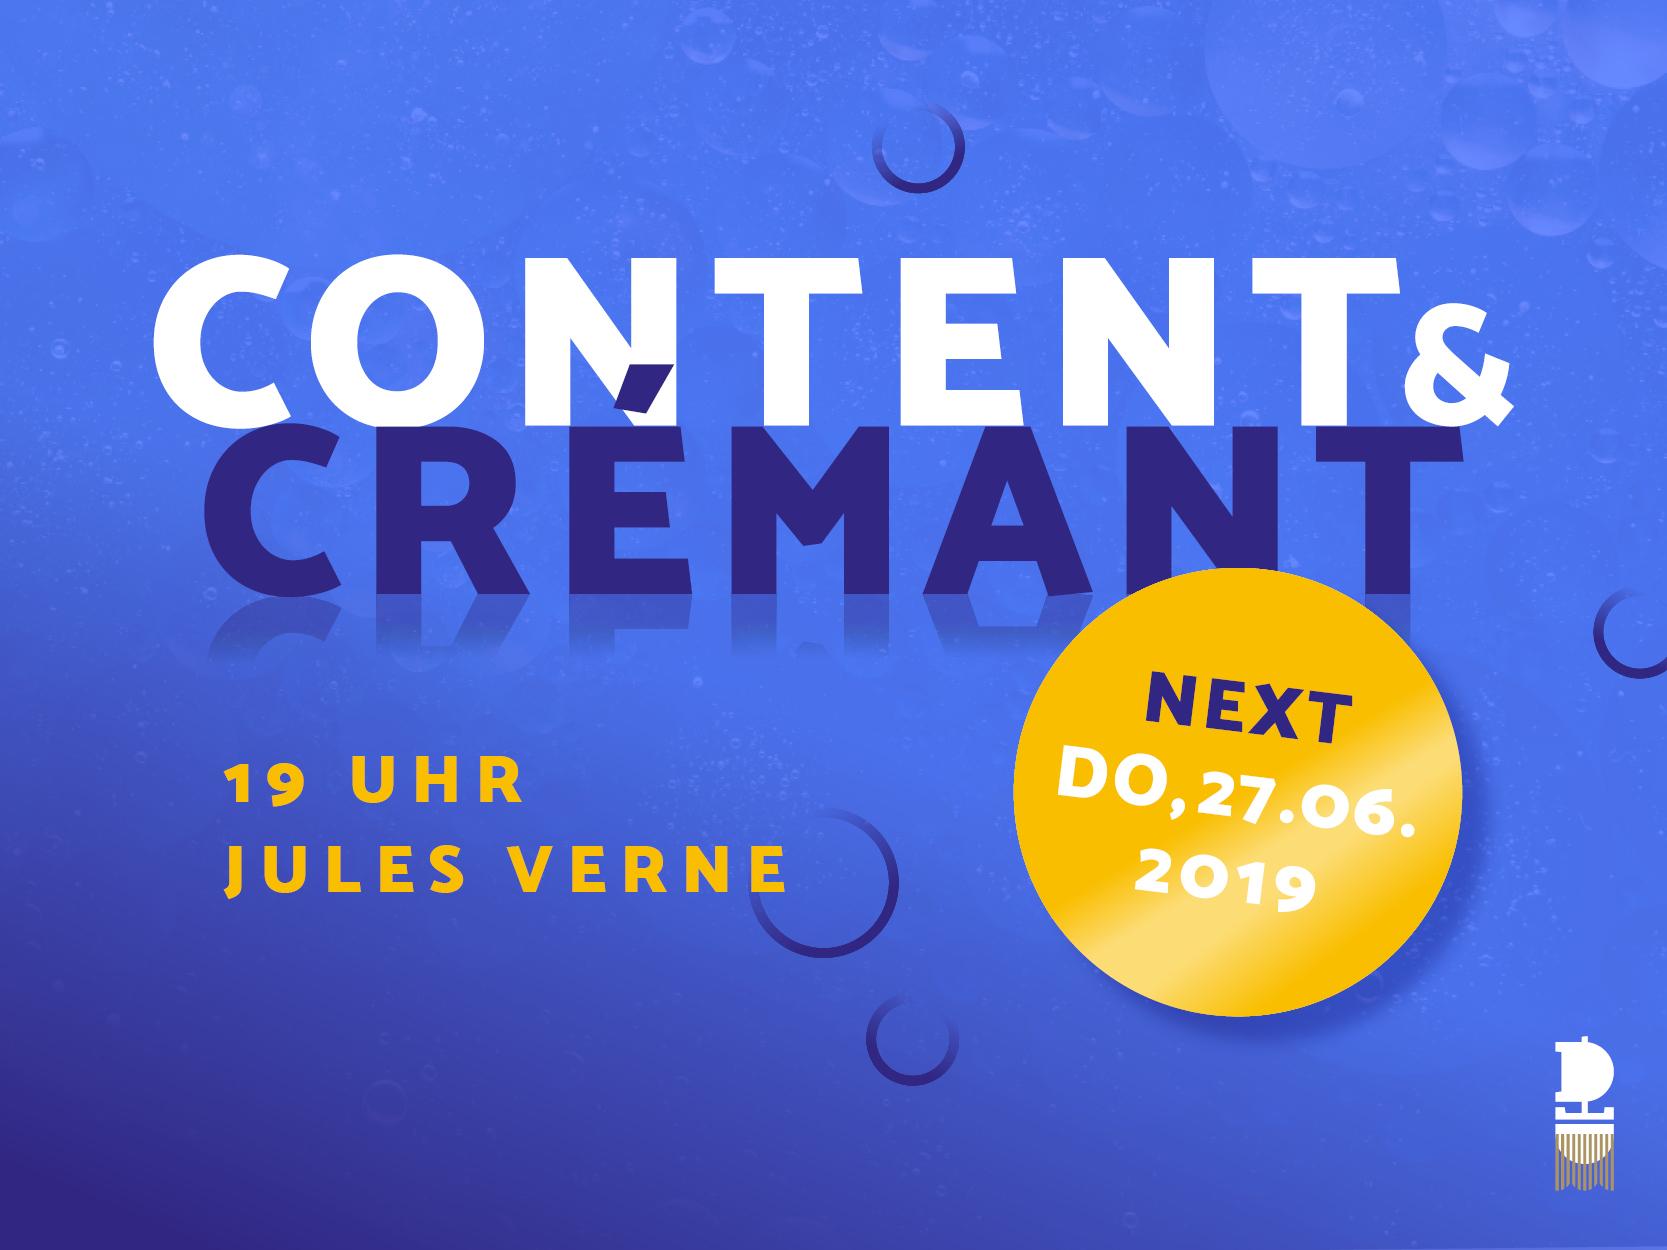 Content & Crémant